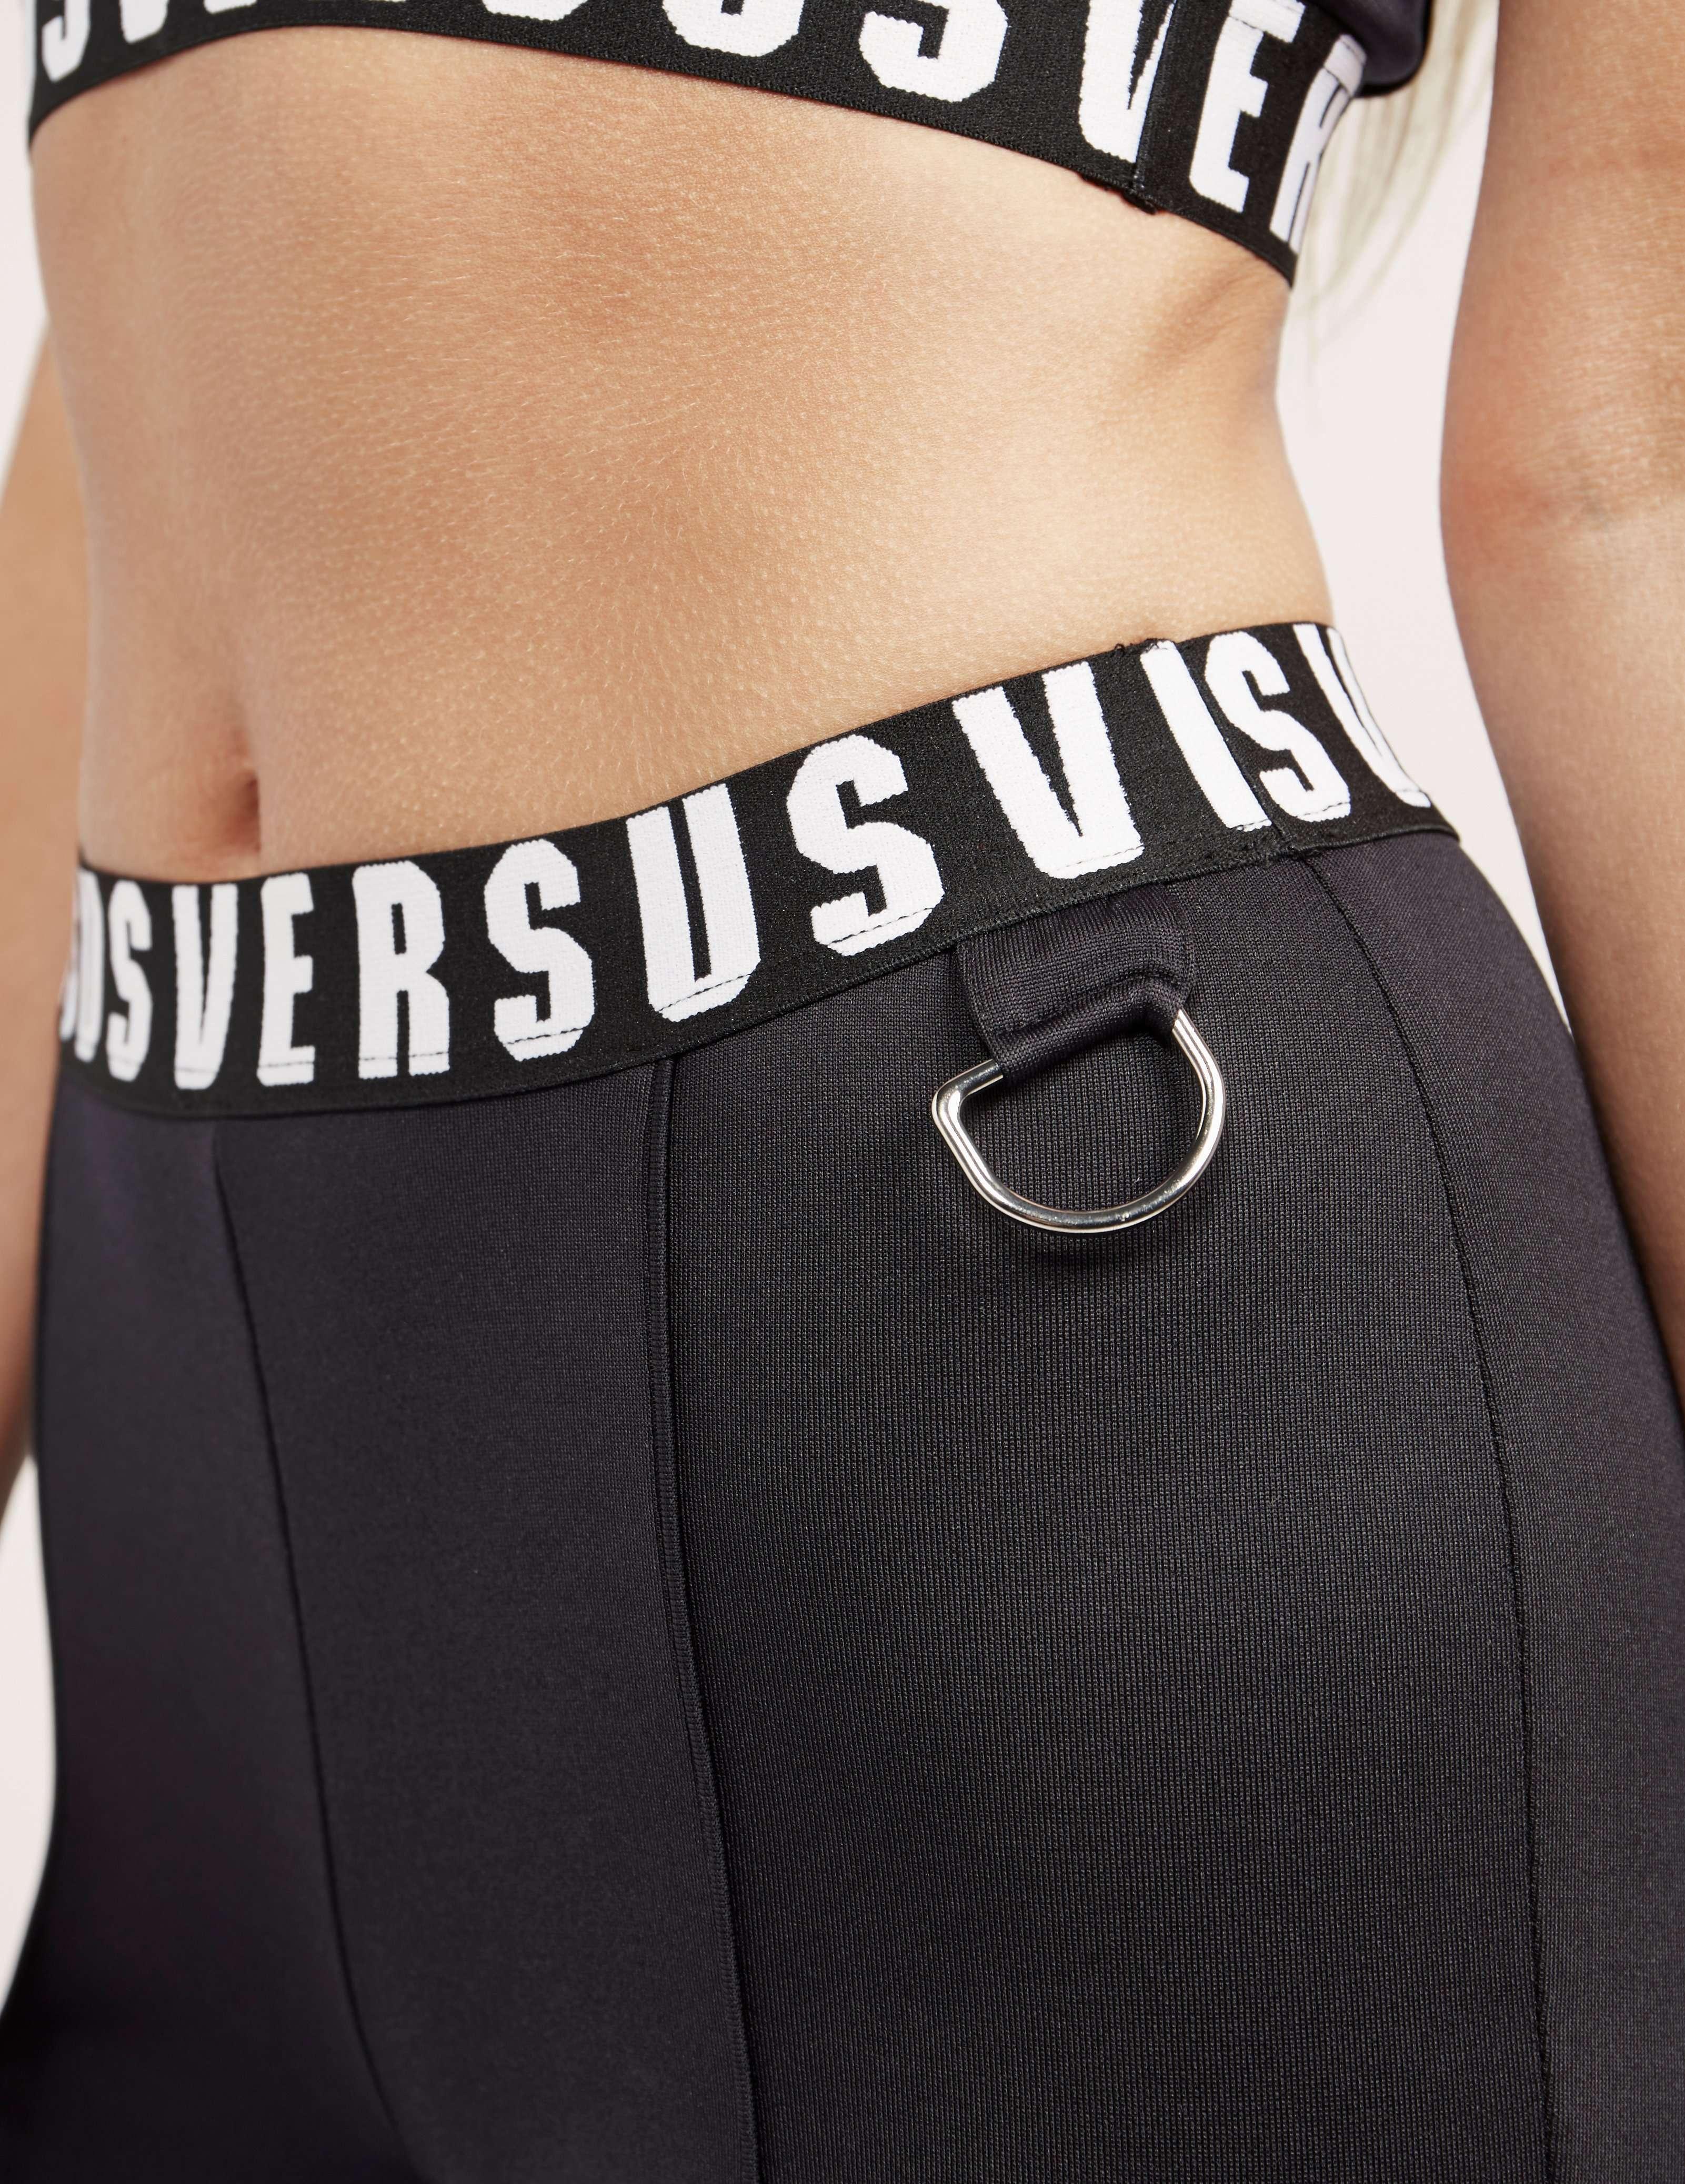 Versus Versace Versus Leggings